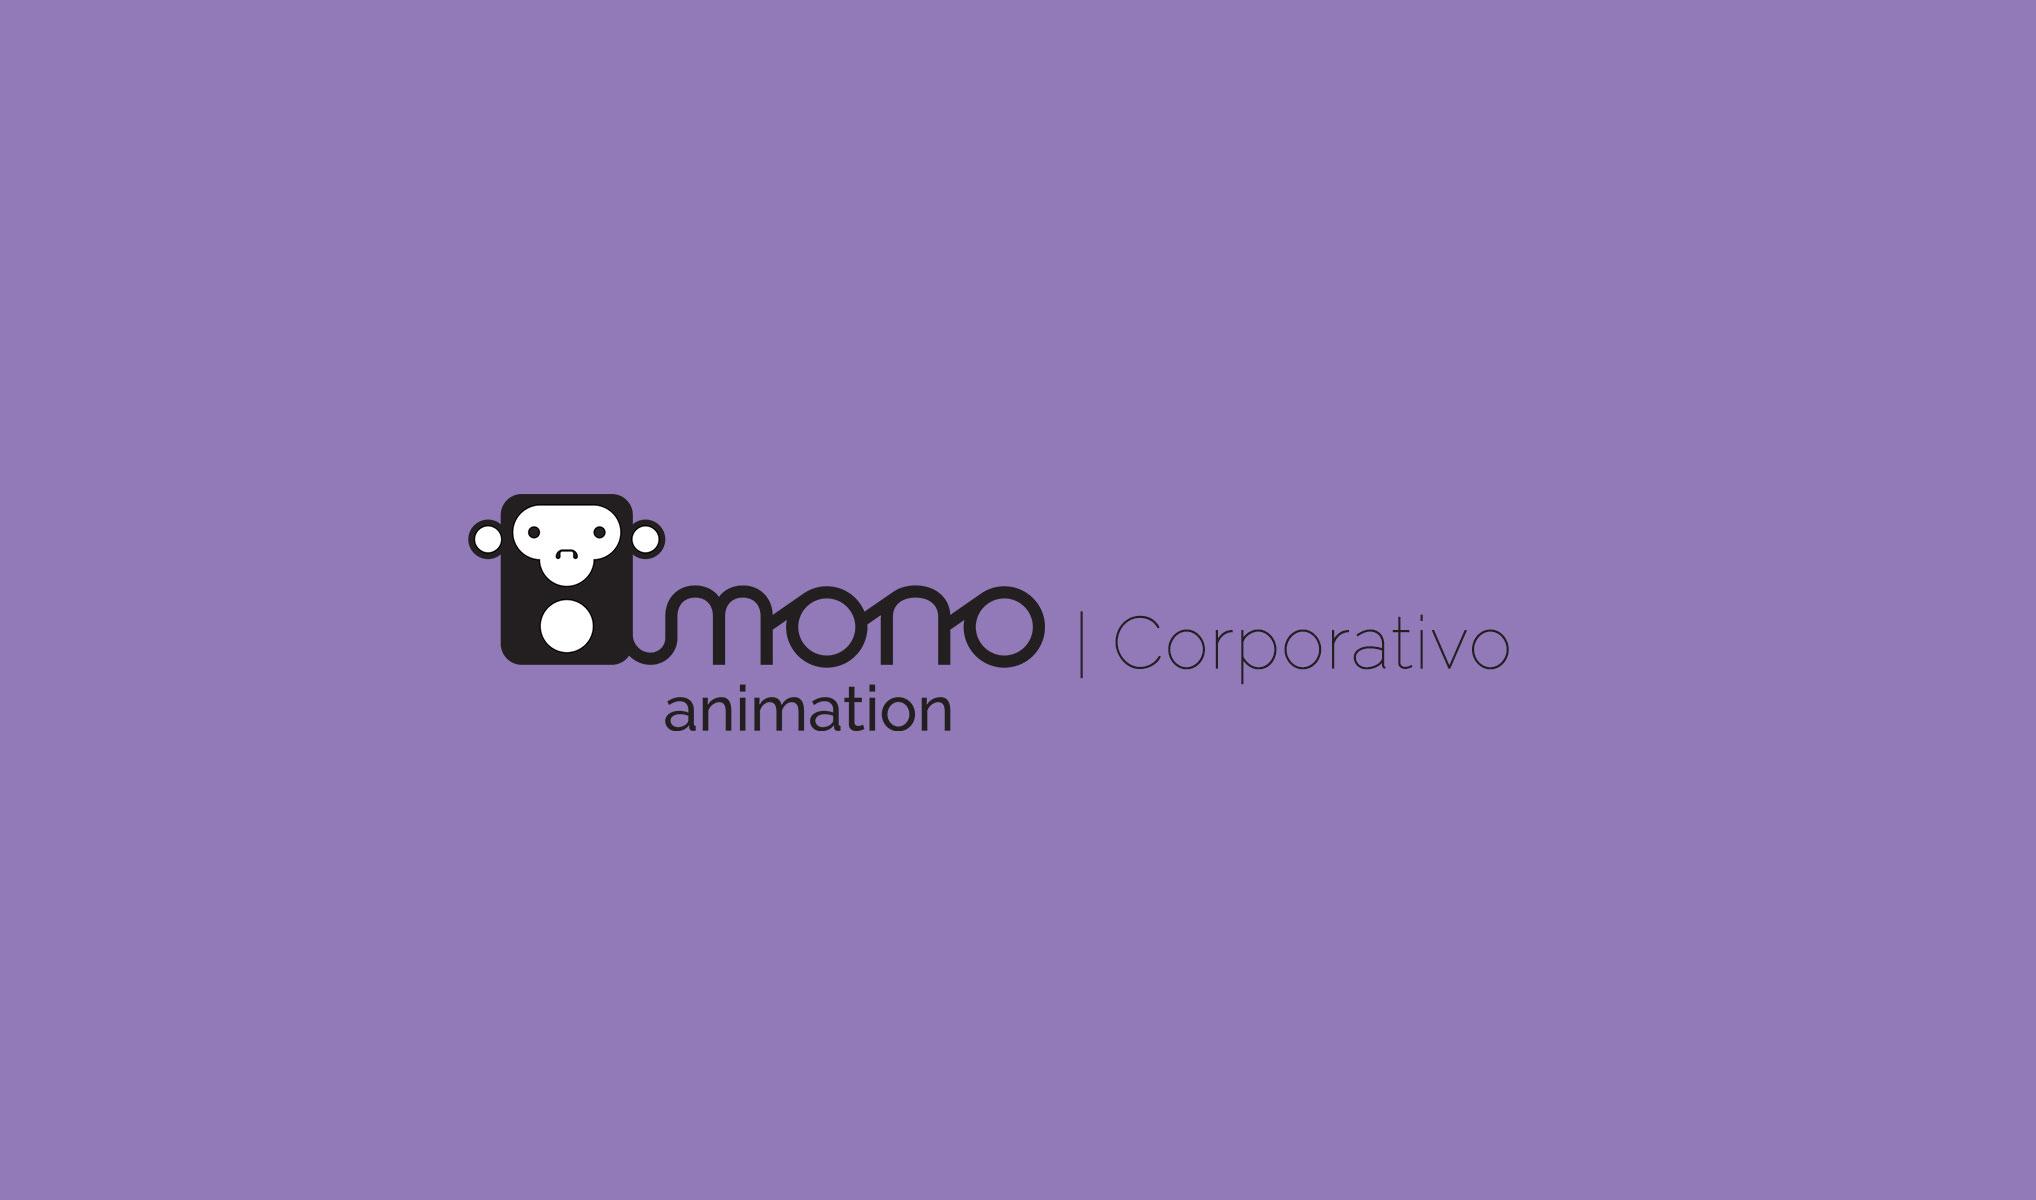 Reel | Animação Corporativo e Institucional 1  - Mono Animation